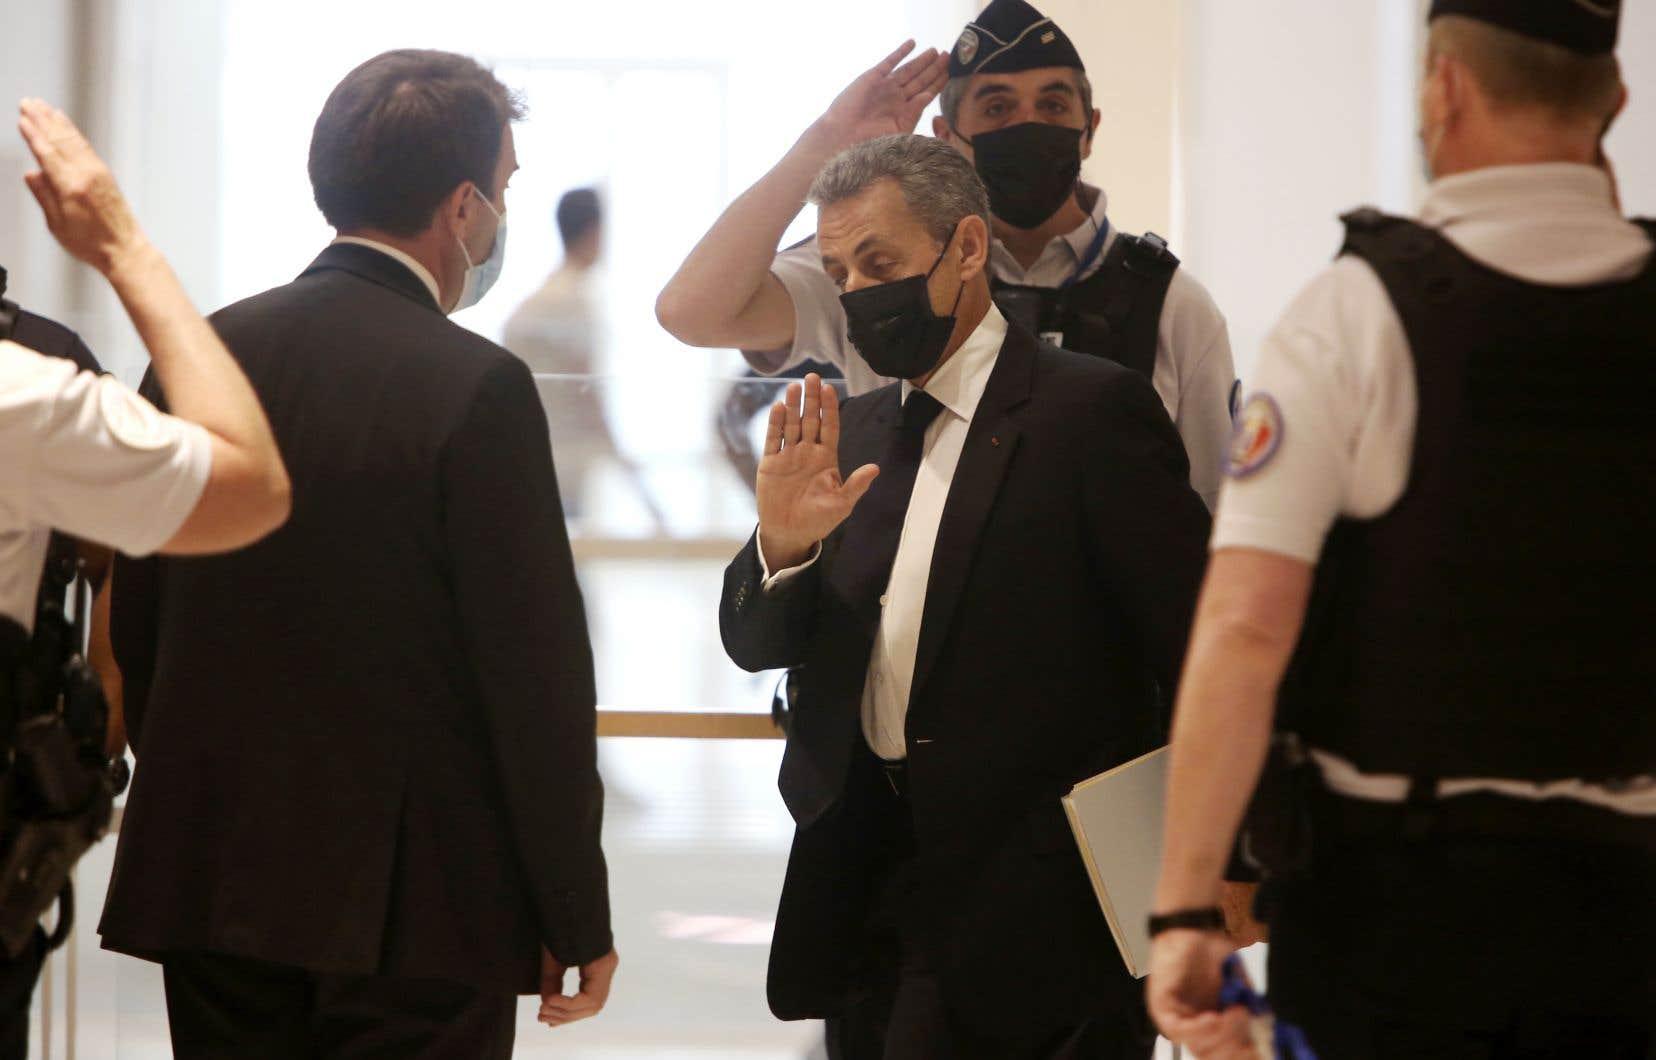 Un an de prison dont six mois avec sursis et 3750euros d'amende ont été requis à l'encontre de M.Sarkozy, jugé pour «financement illégal de campagne électorale».